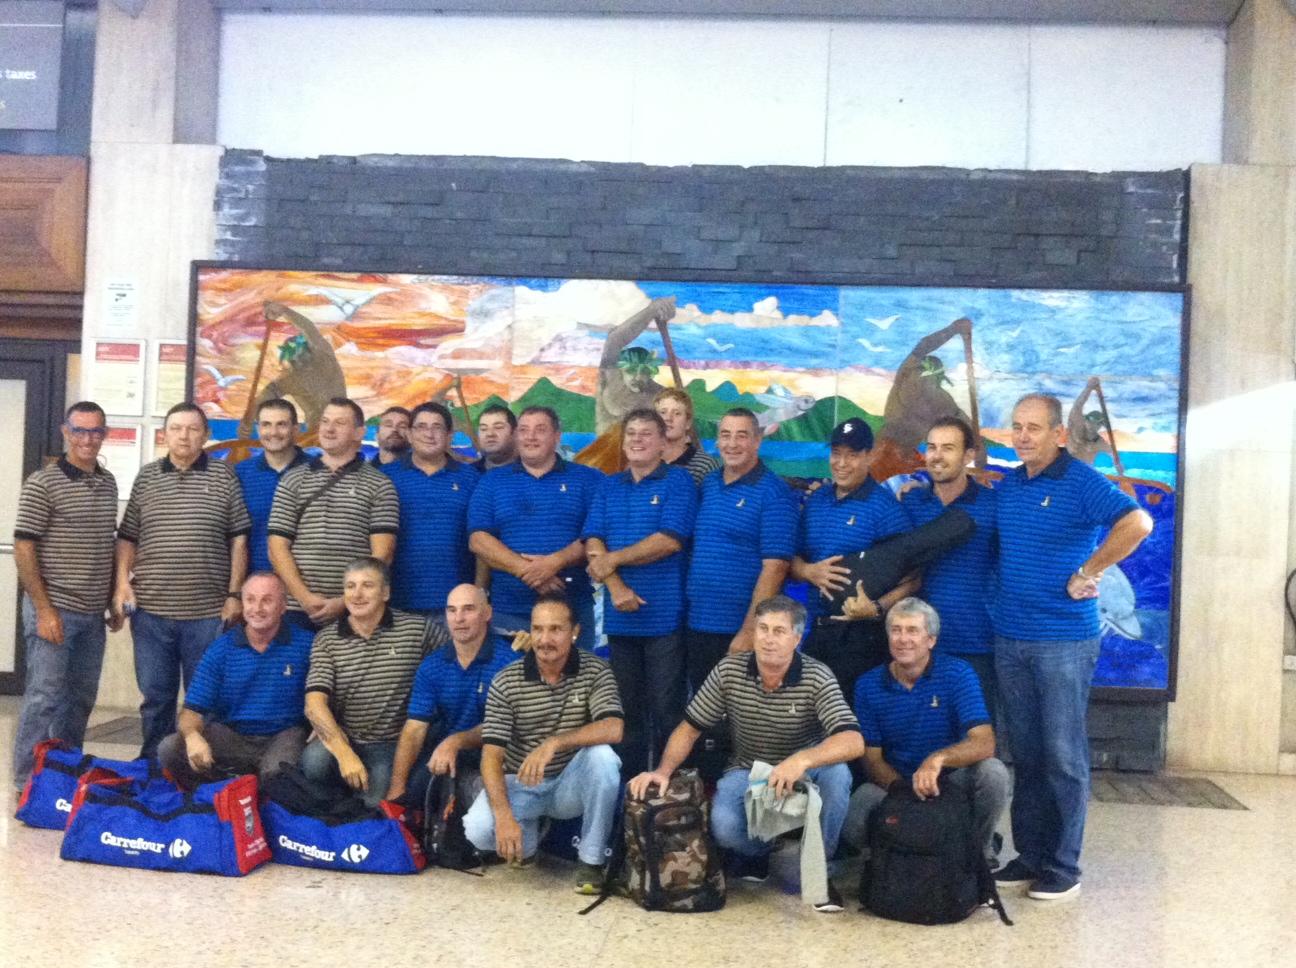 L'équipe des Vieilles Pompes de Tahiti, vétérans de rugby, au départ de leur tournée annuelle qui se déroule au Vietnam -où ils ont remporté leur premiere victoire, avec un score de 10 à 5 -,   et qui se poursuivra au Japon après une découverte de la baie d'Halong.